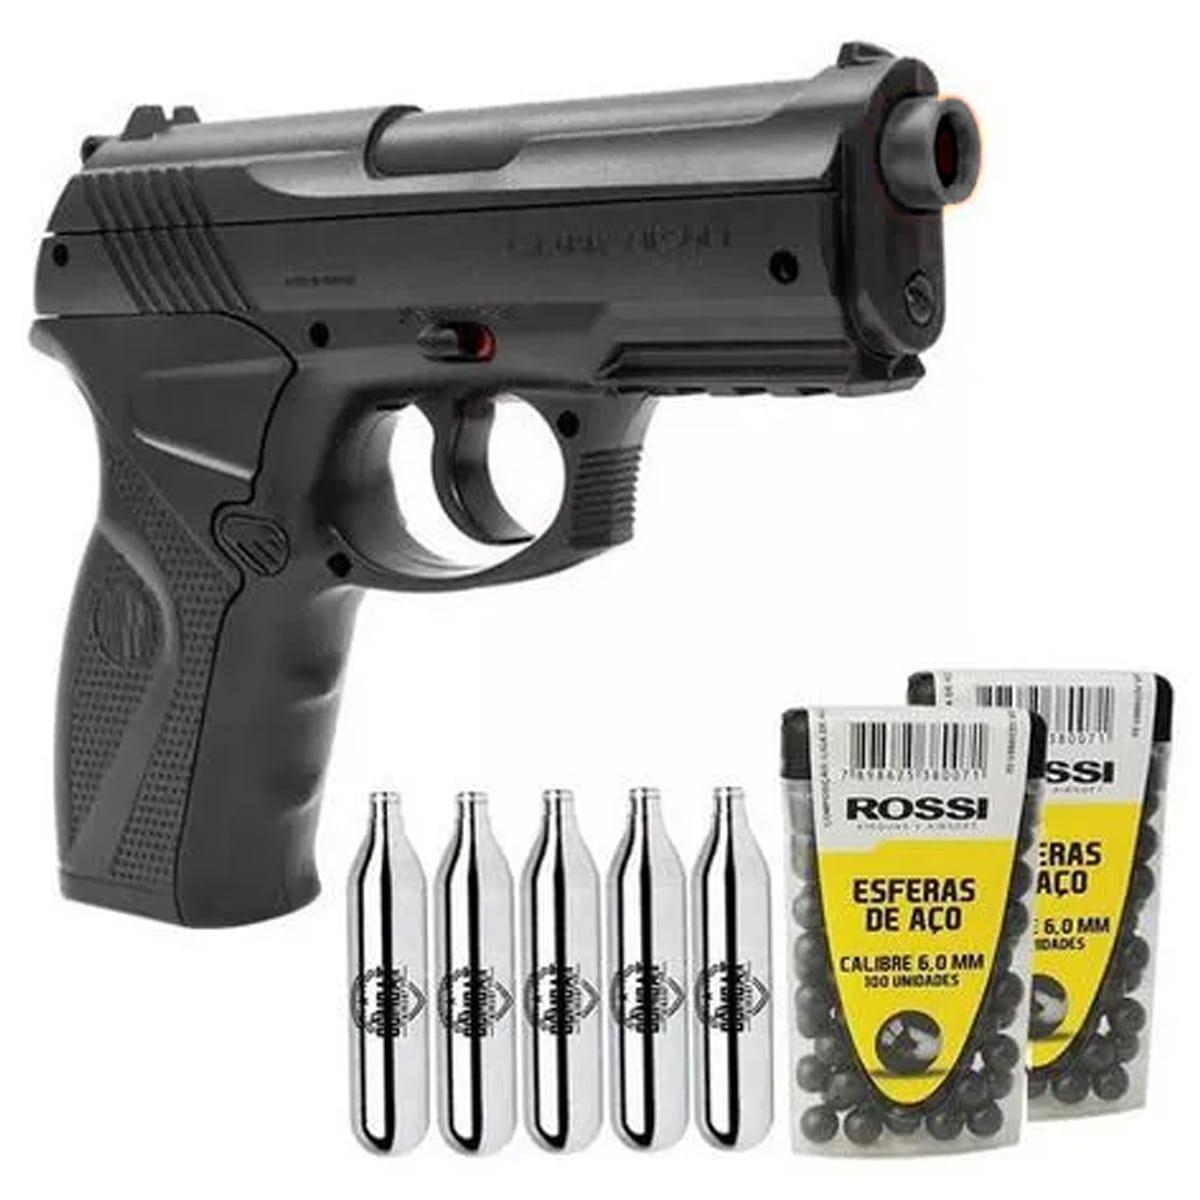 Pistola de Pressão Wingun C11 Rossi 6mm CO2 492 FPS + Esferas + Co2